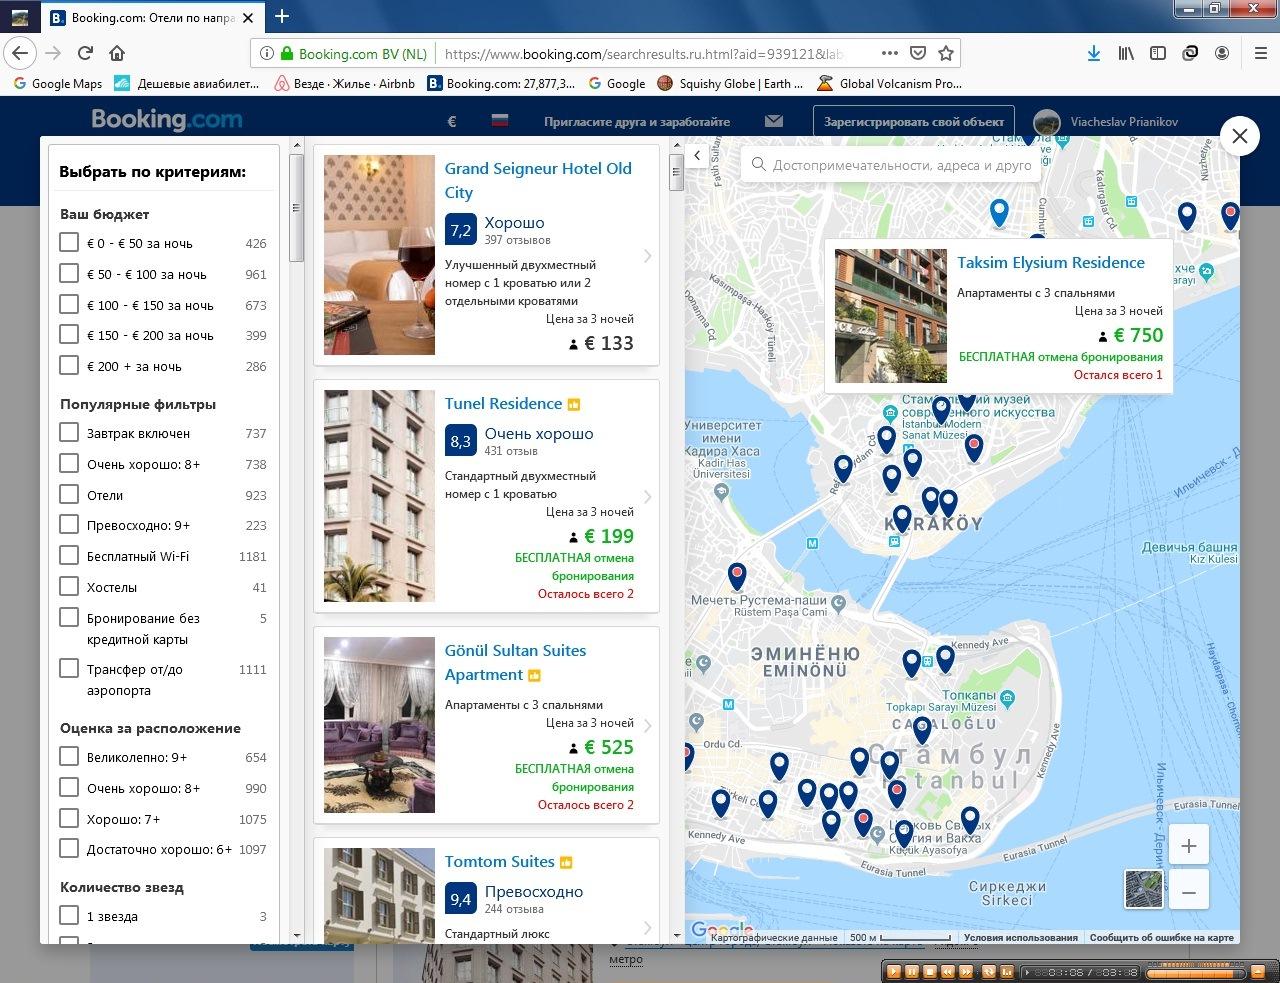 забронировать отель на букинге, booking регистрация и бронирование